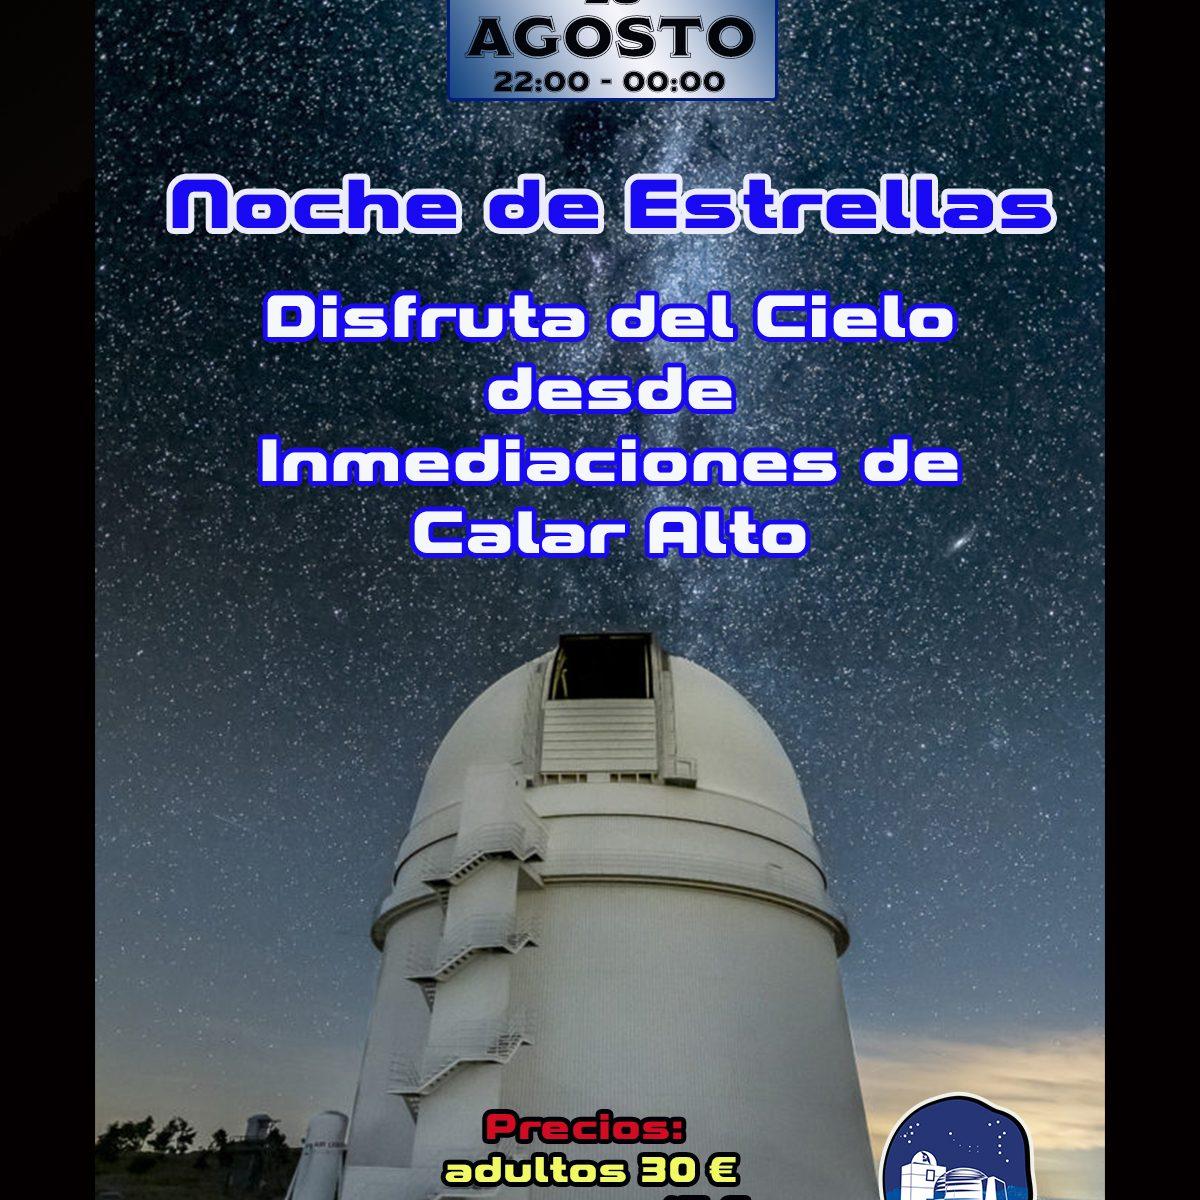 noche de estrellas desde calar alto. Descubre el cielo de Almería